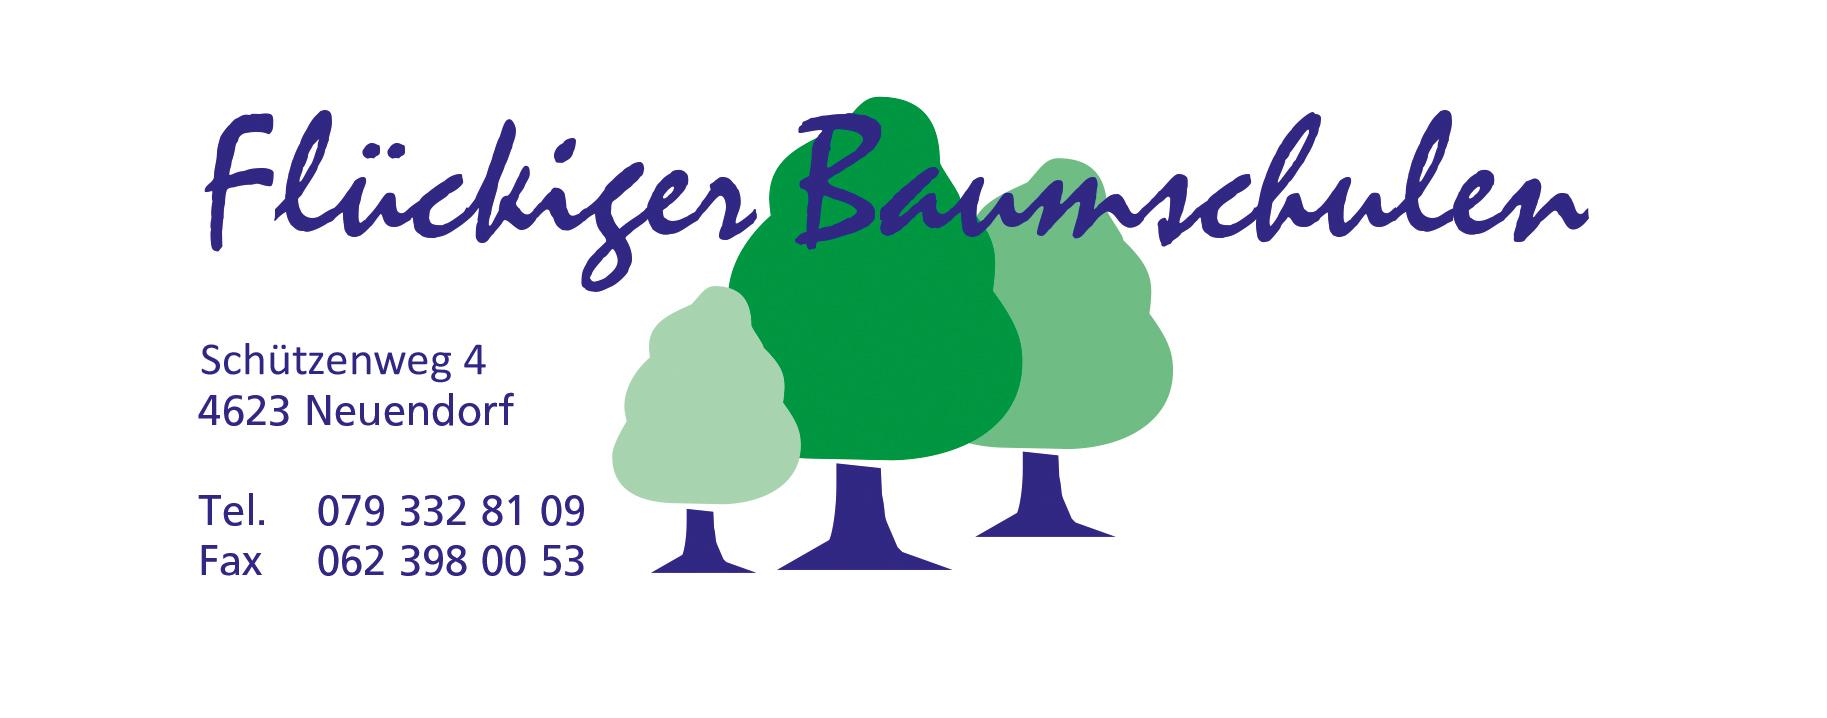 Flückiger Baumschulen, Neuendorf